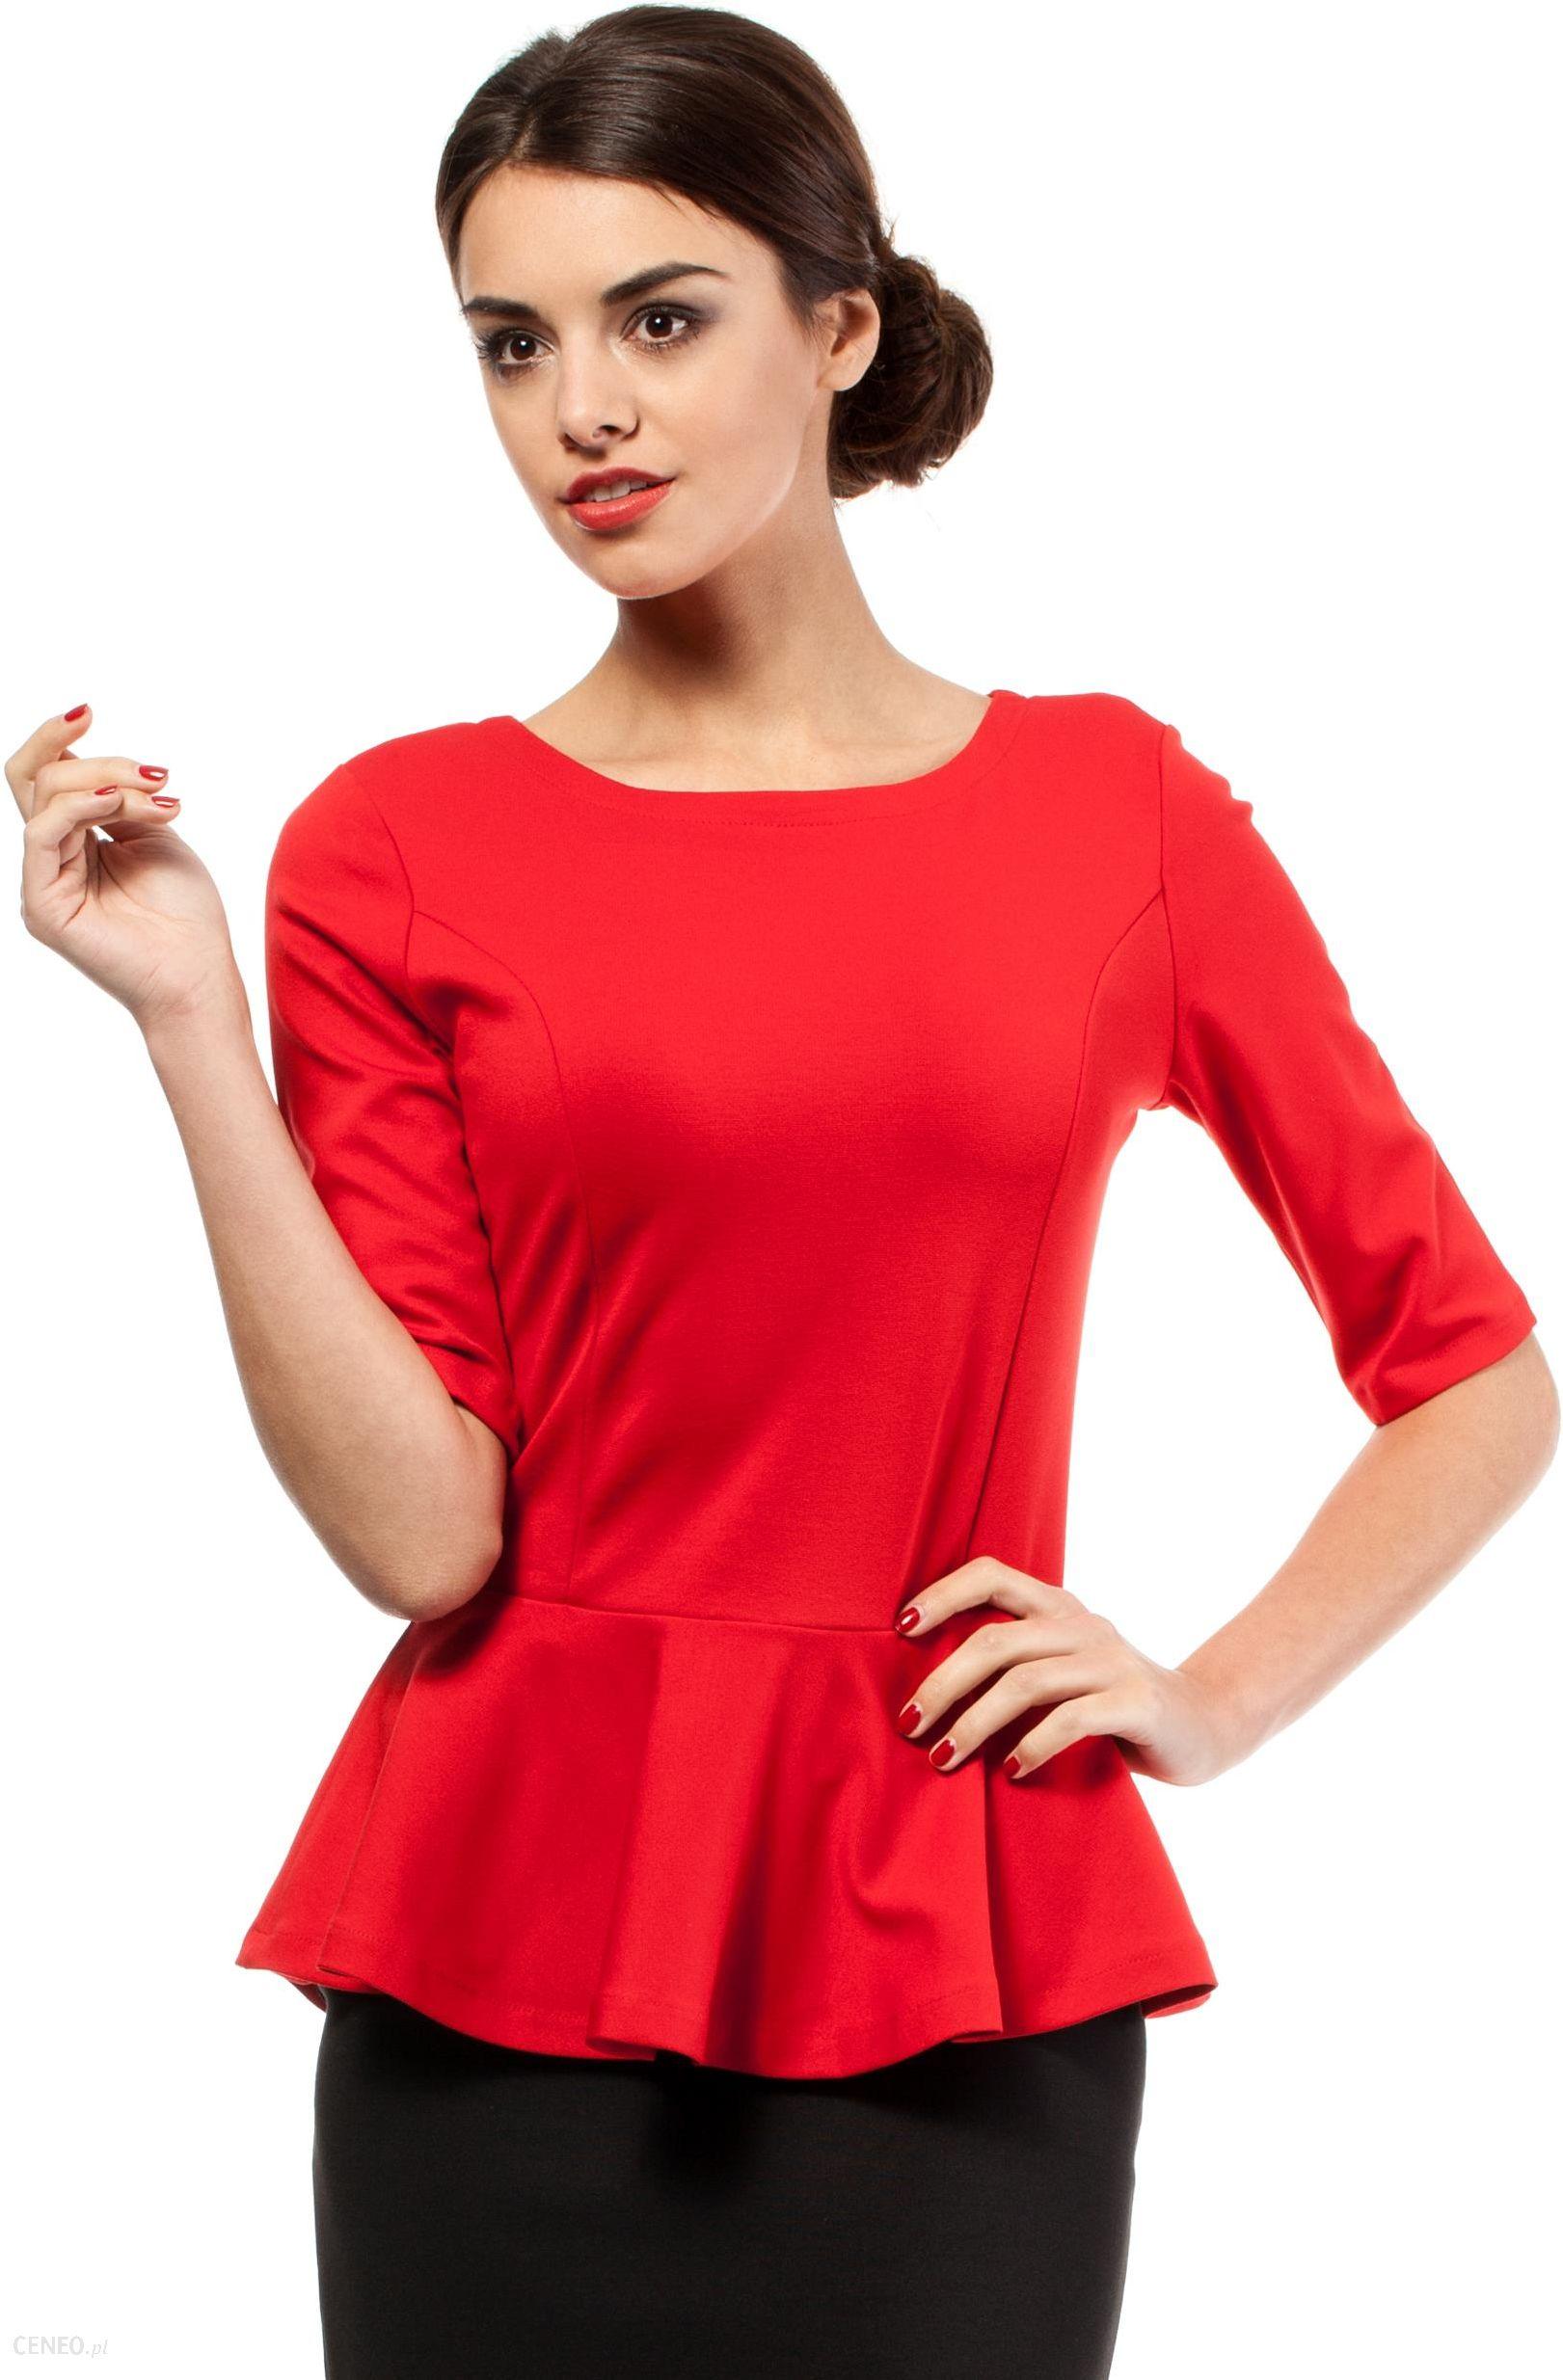 52a349522a Elegancka bluzka z baskinką MOE007 czerwona - Ceny i opinie - Ceneo.pl